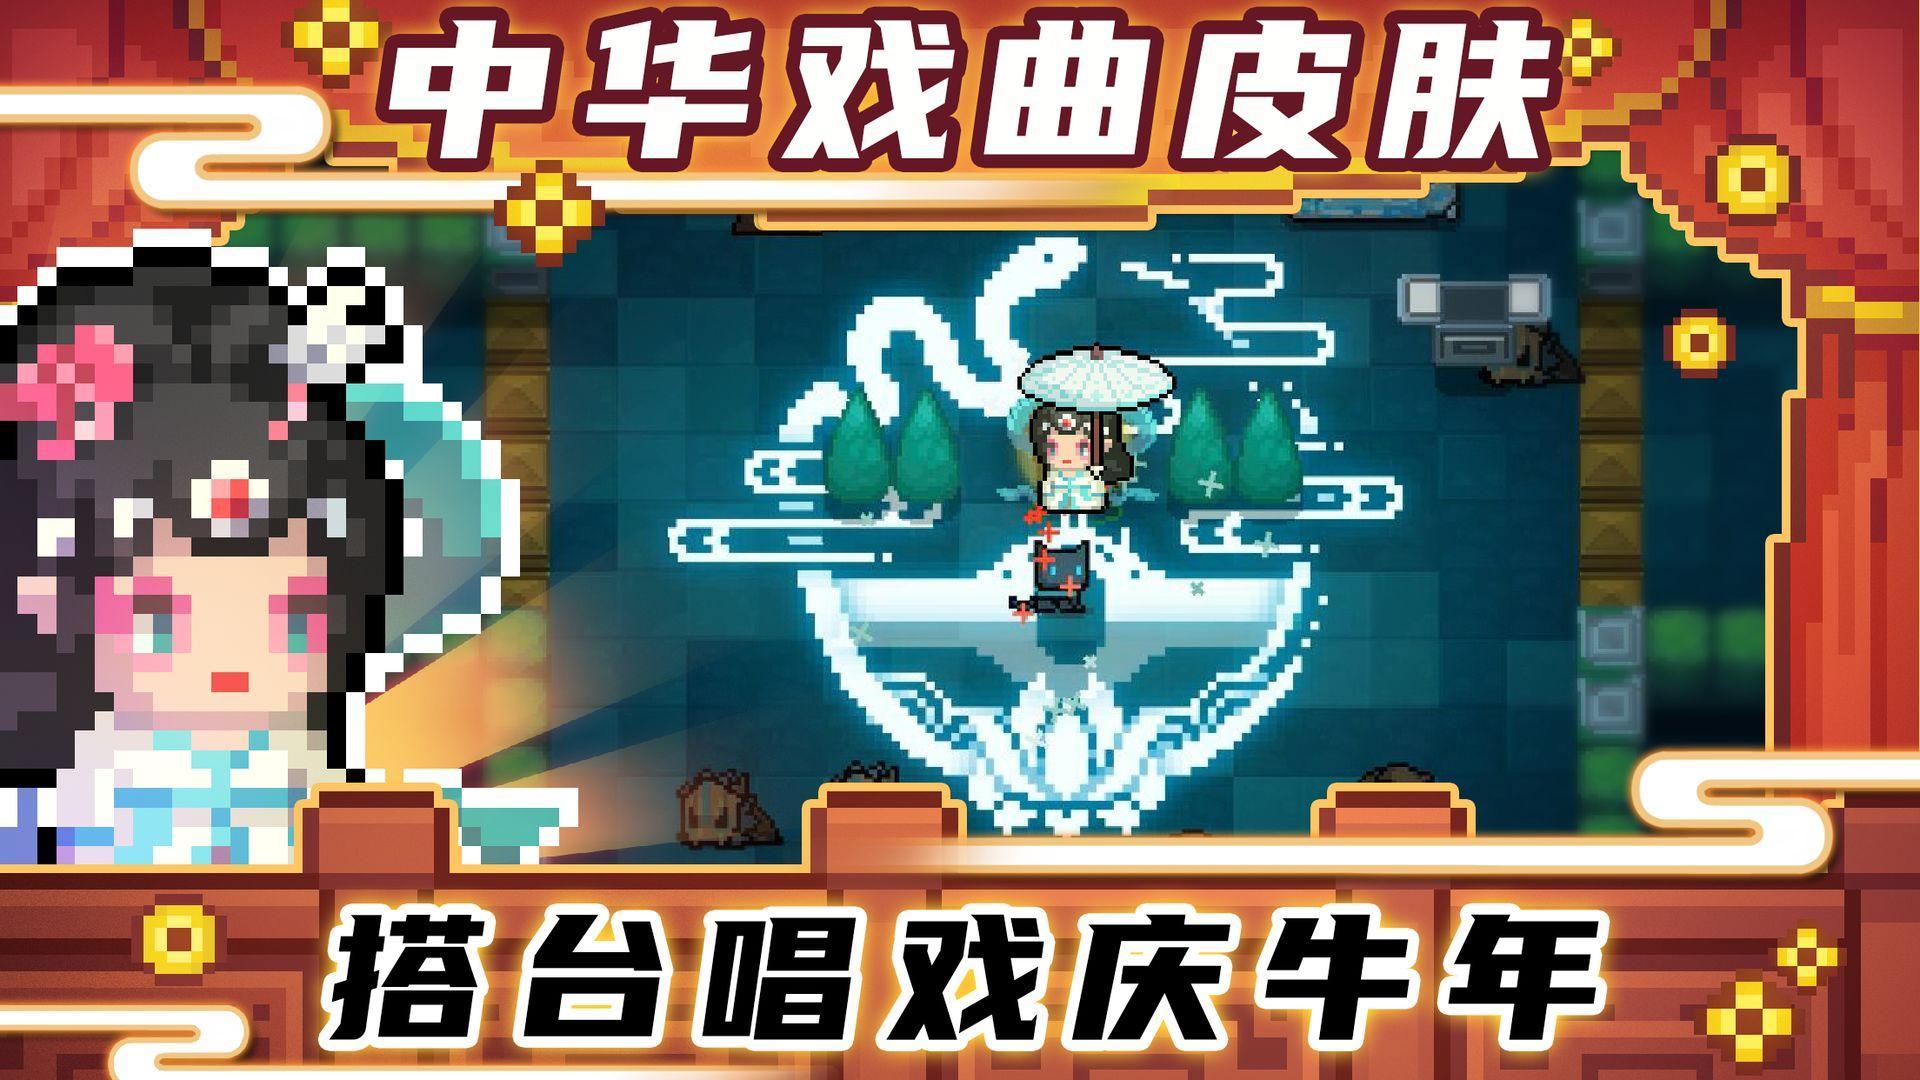 元气骑士破解版最新版3.0.5截图1